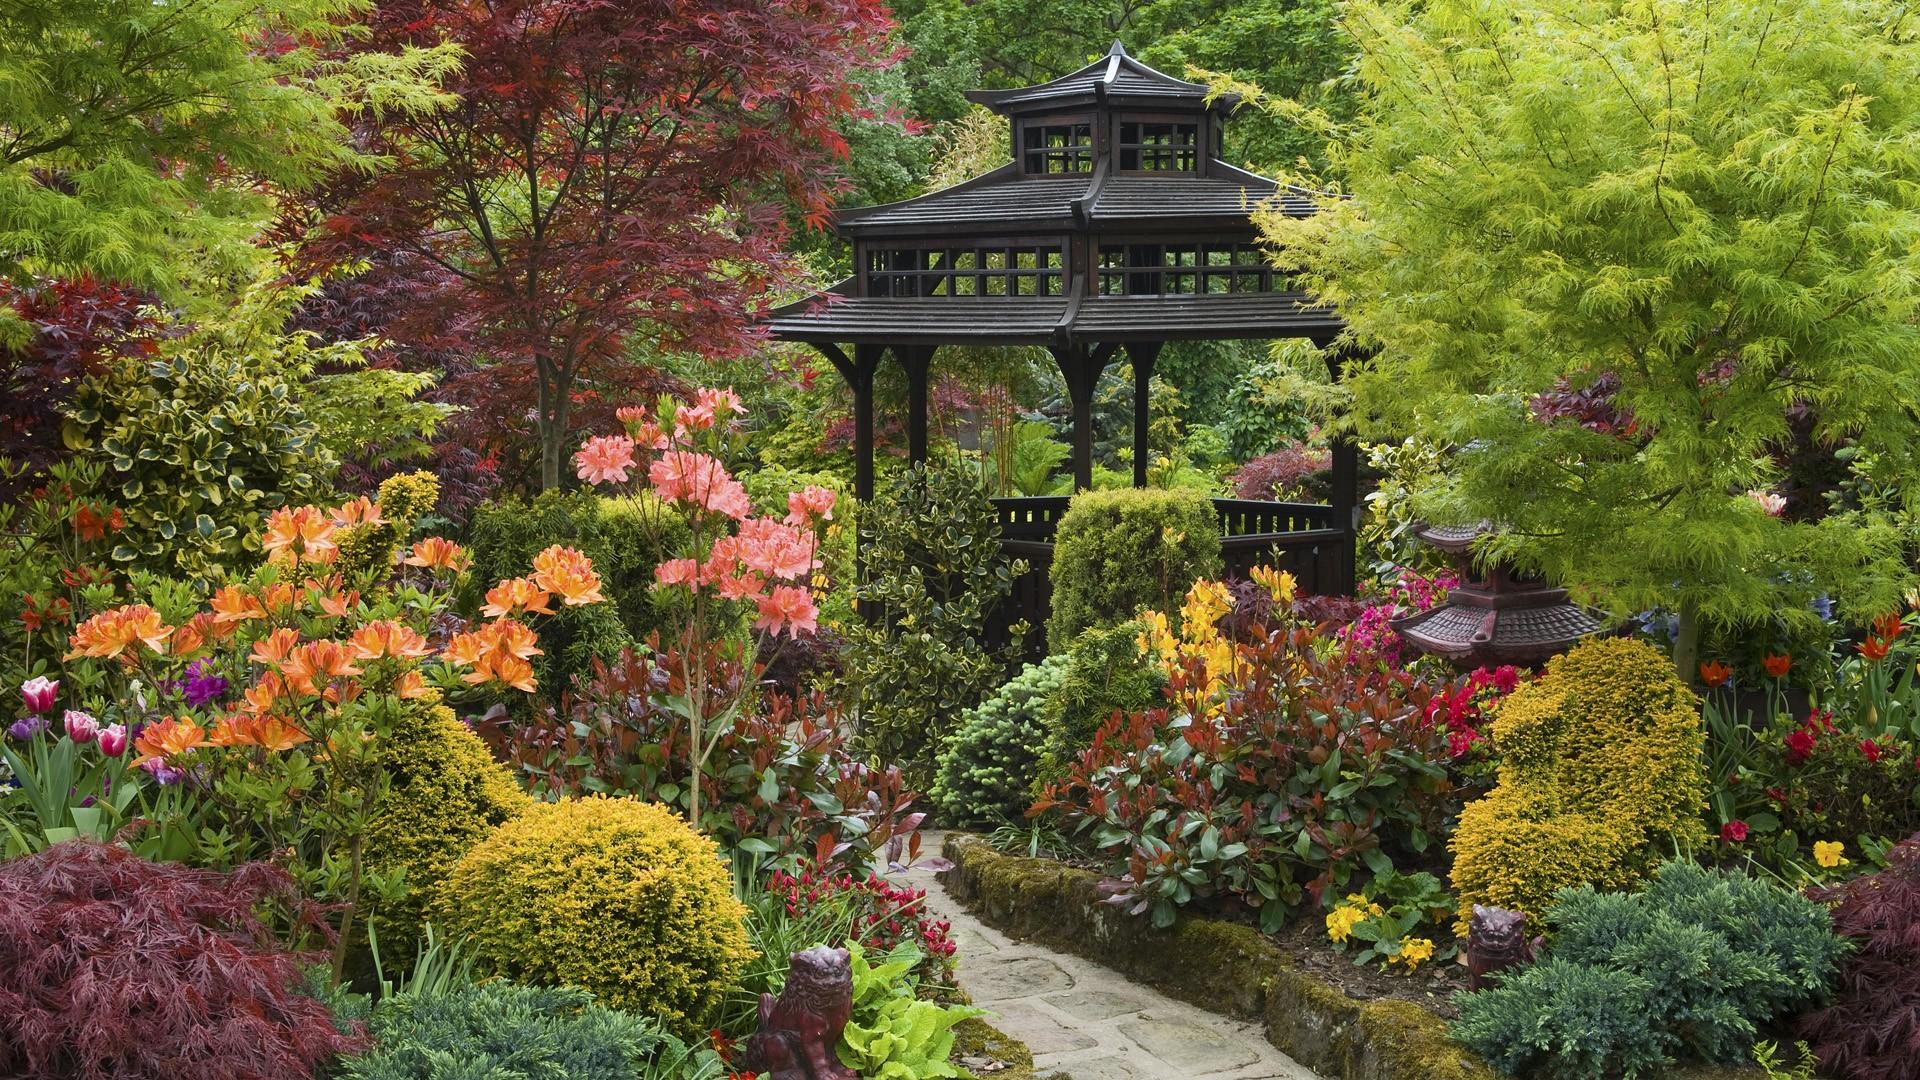 England Garden Wallpaper 1920x1080 England Garden Zen 1920x1080